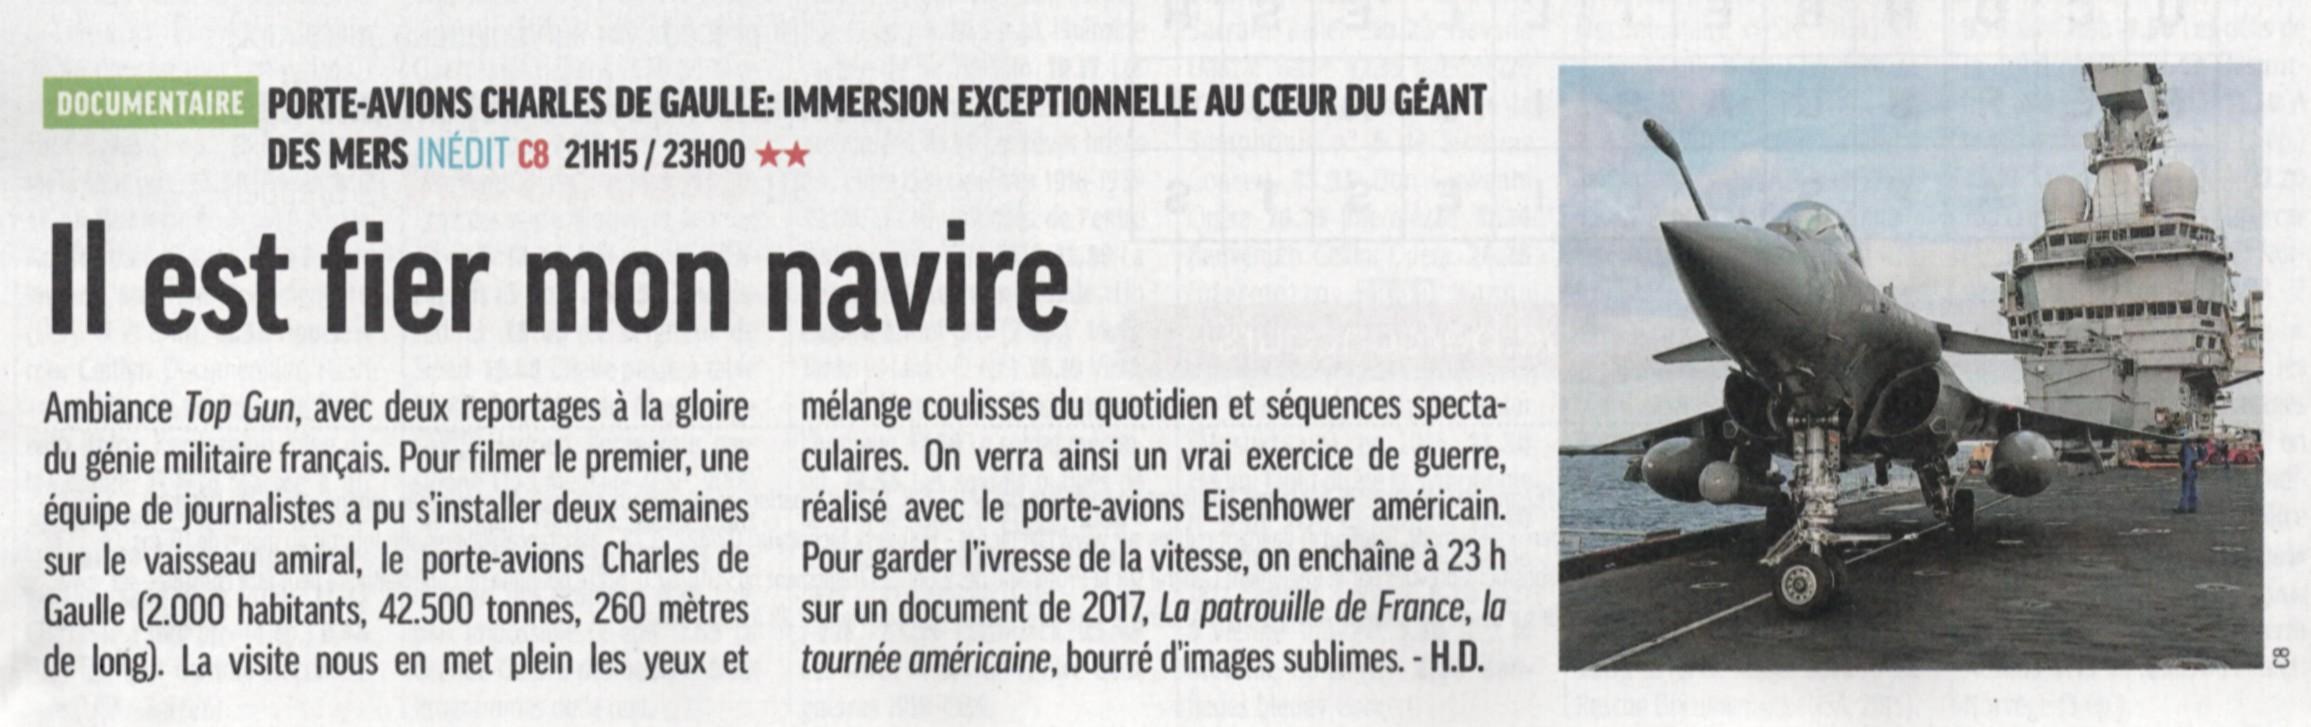 Porte-avions R91 Charles de Gaulle - Page 15 2020-012